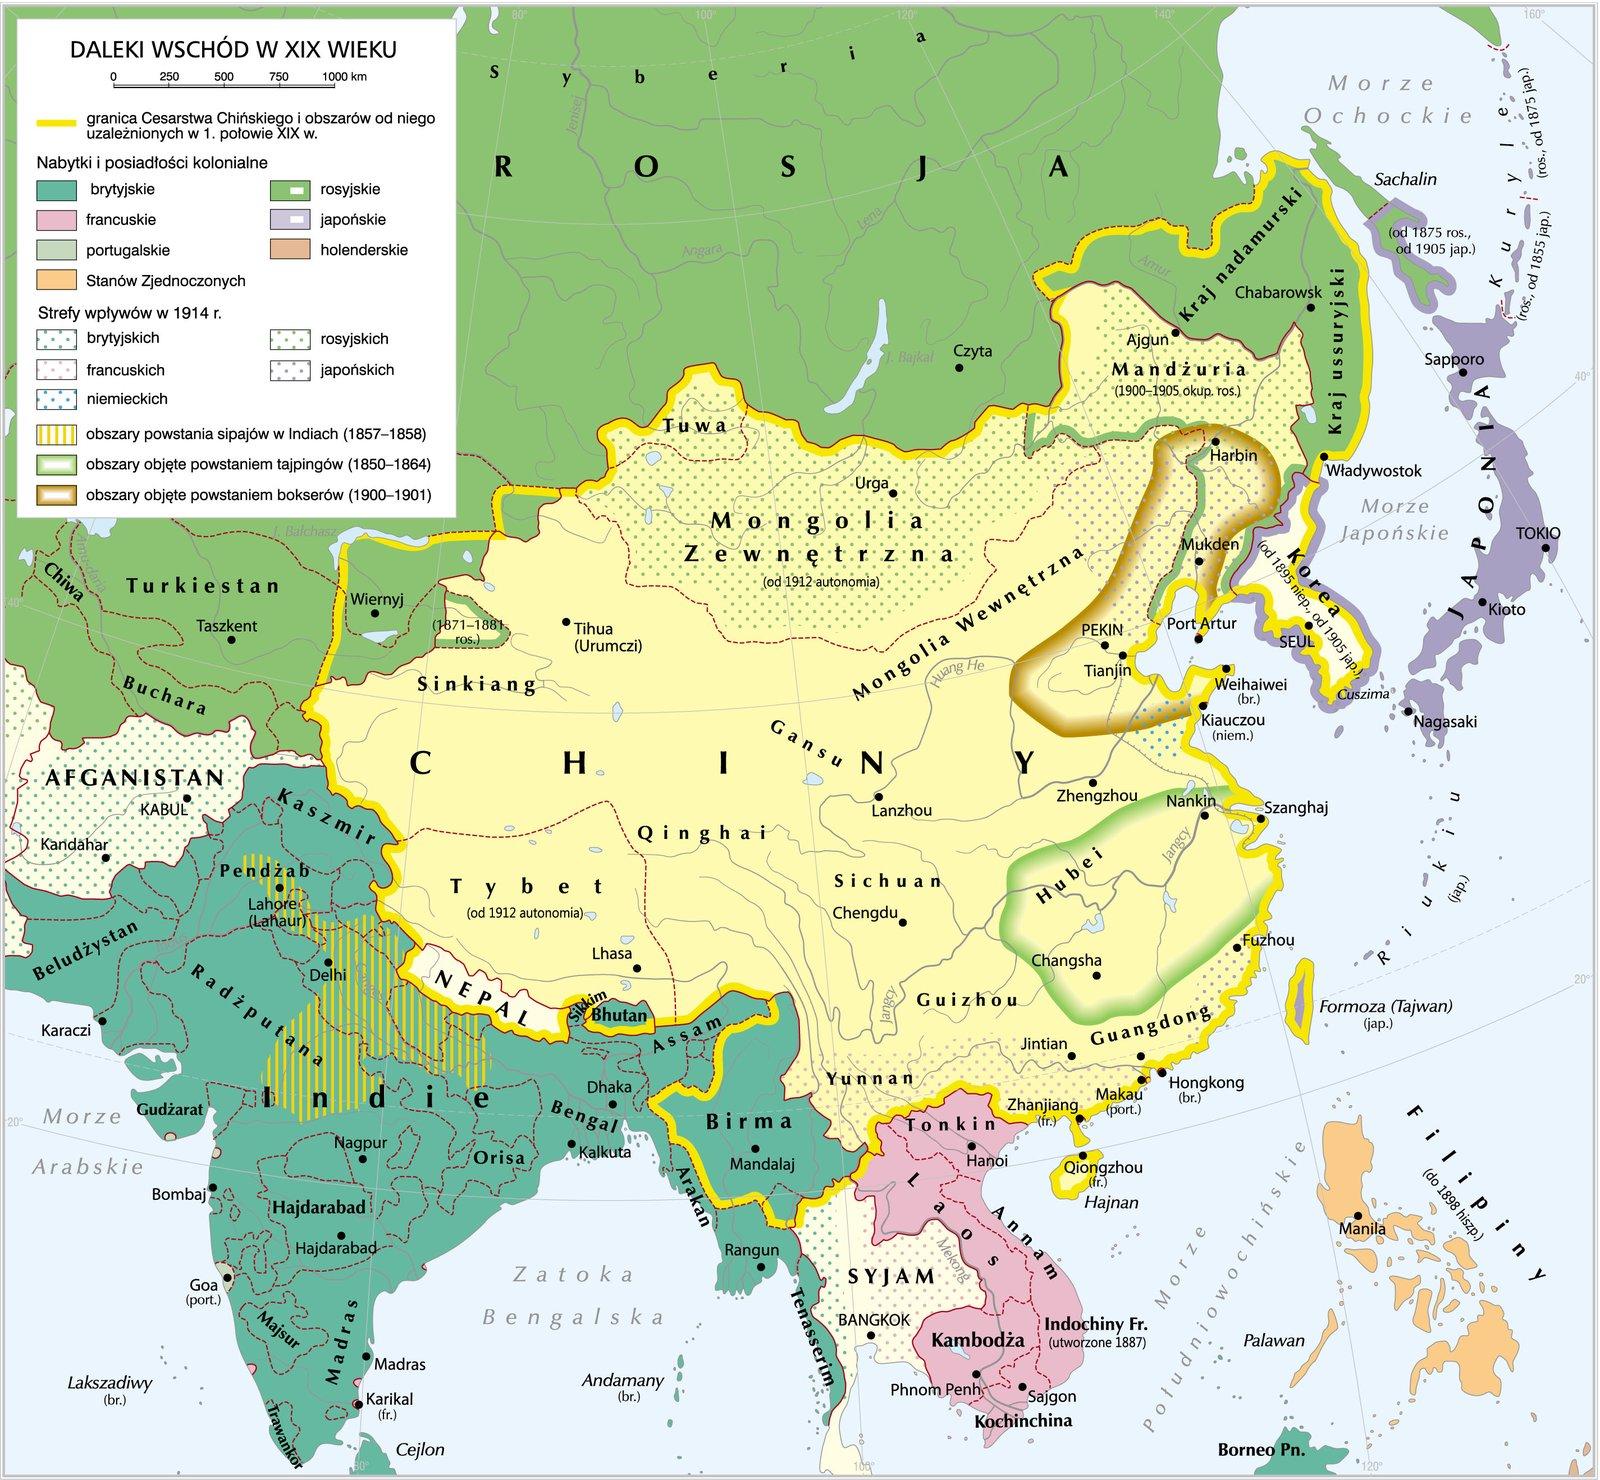 Daleki Wschód wXIX wieku Źródło: Daleki Wschód wXIX wieku, Krystian Chariza izespół.